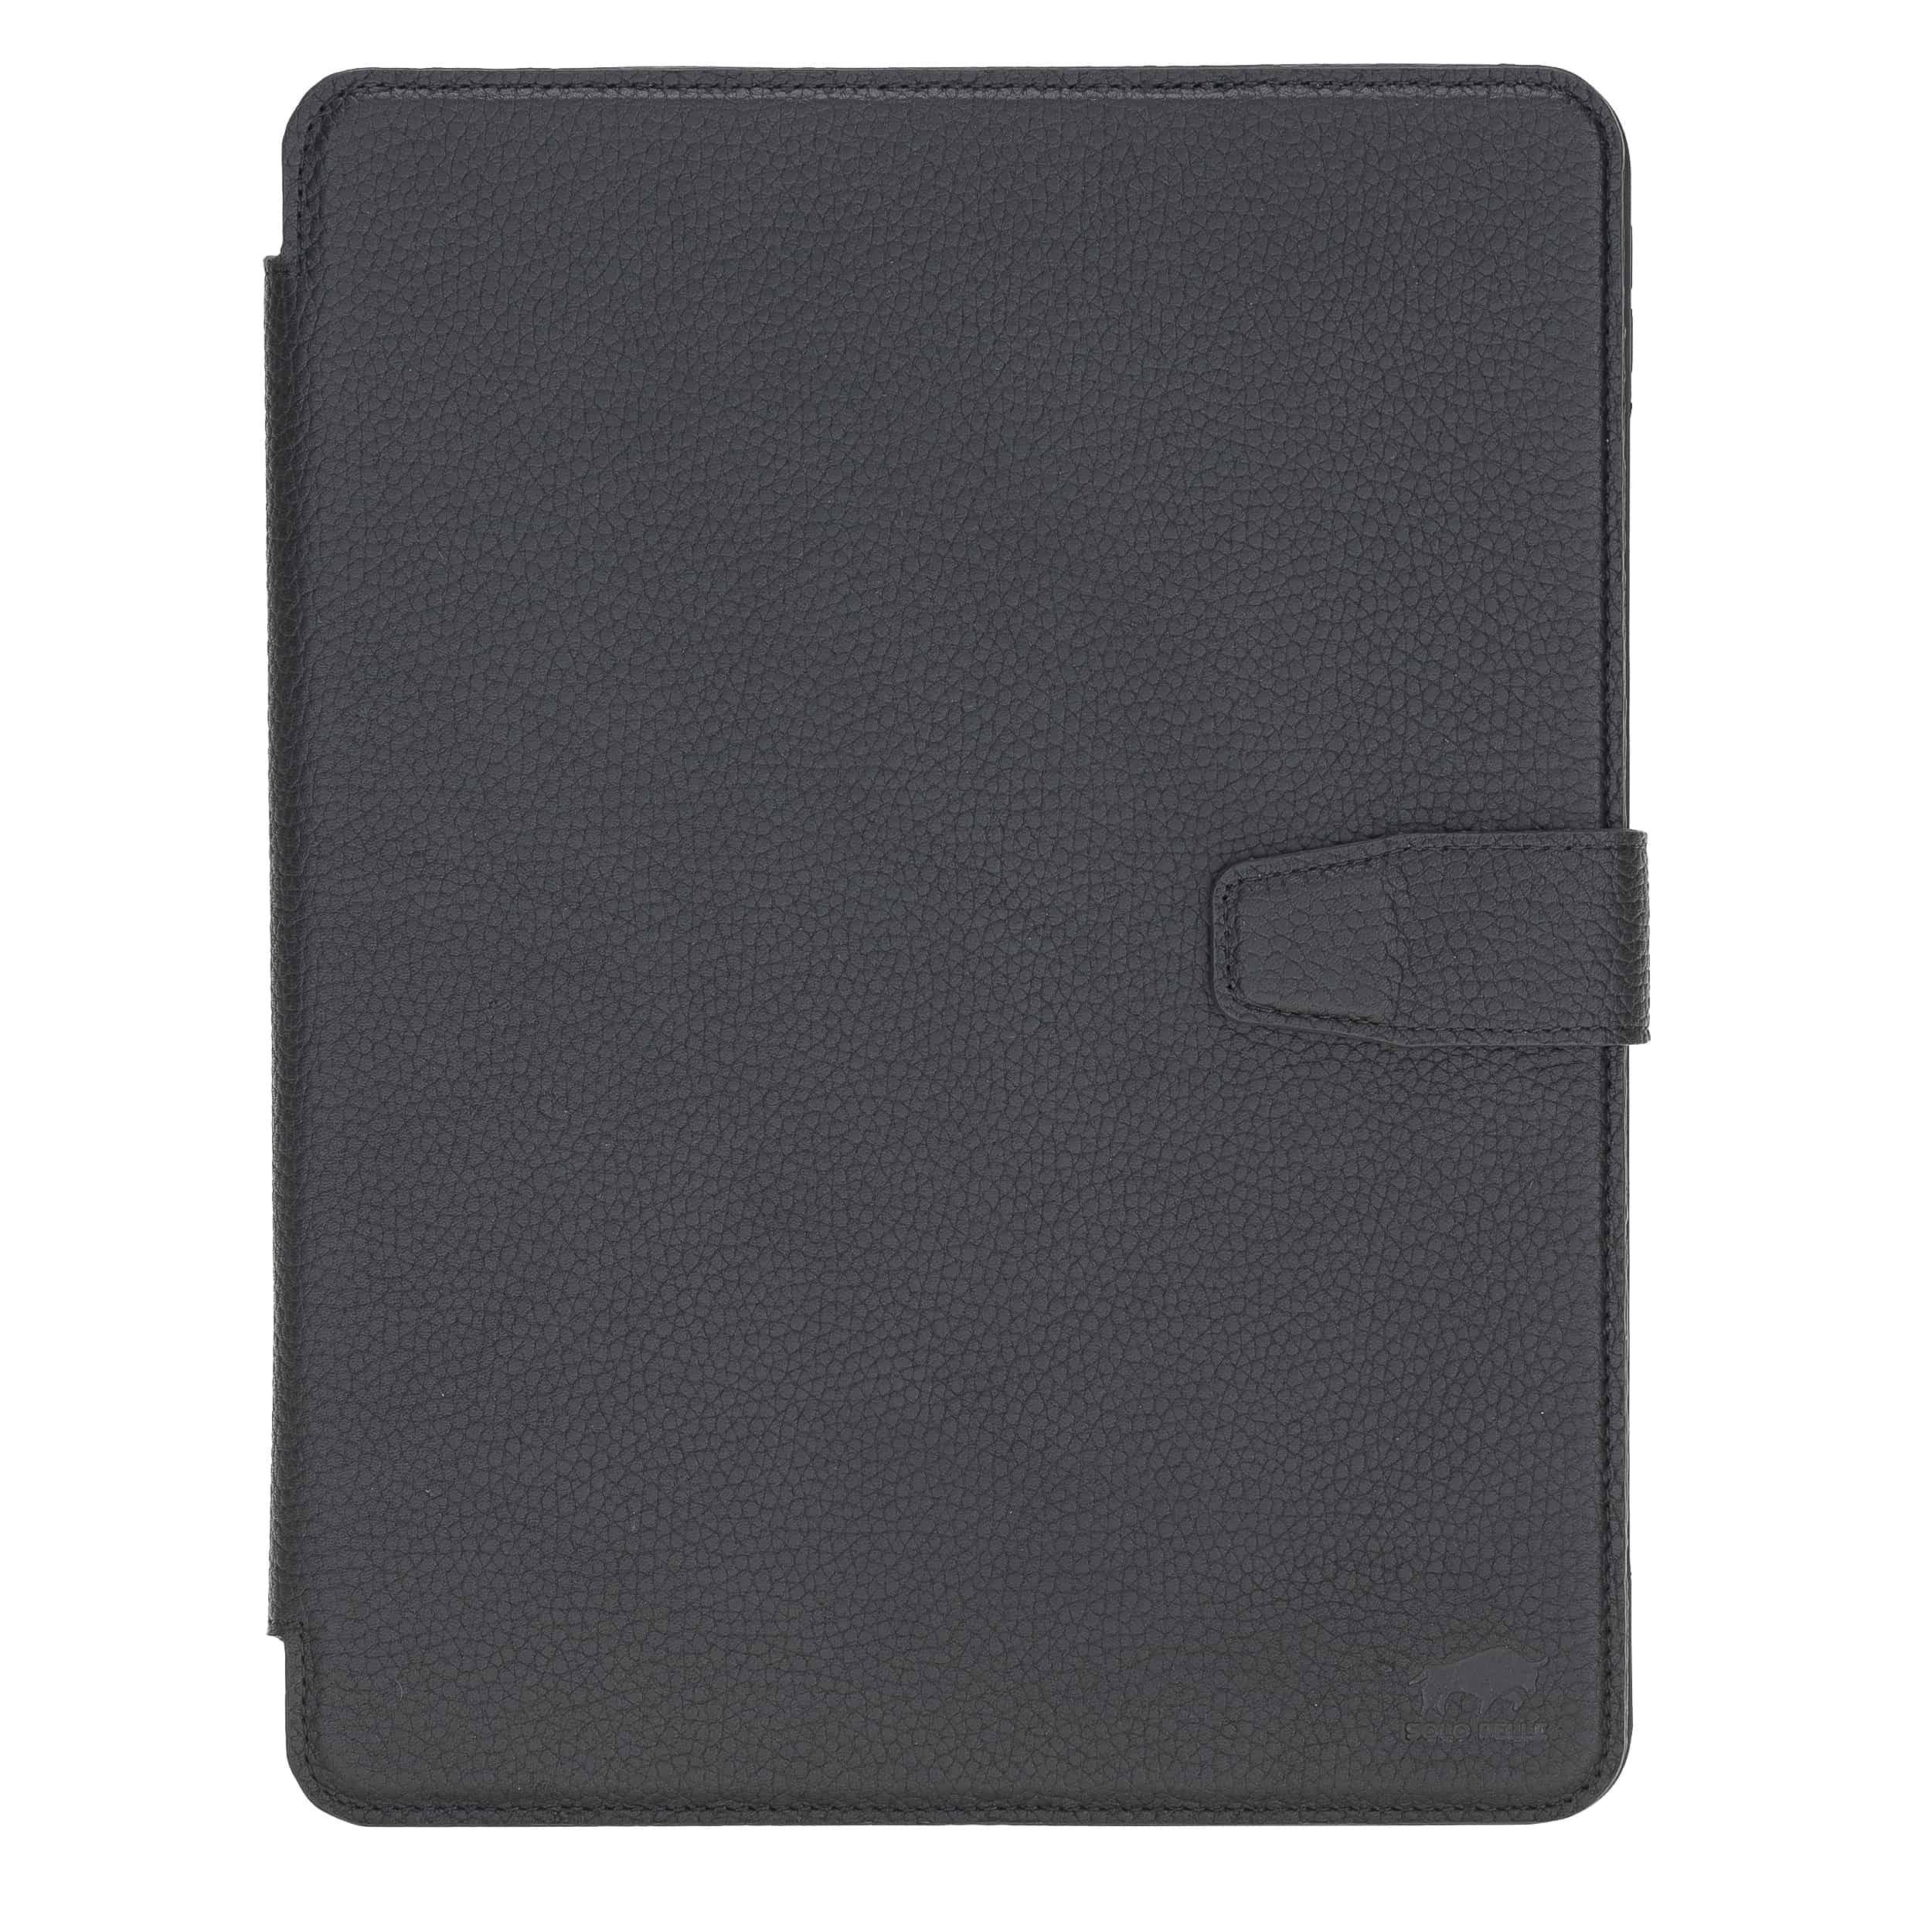 """Solo Pelle magnetische abnehmbare Hülle geeignet für Apple iPad Pro 11"""" 2020 Hülle Echtleder Case aus echtem Leder. Unterstützt Pencil 2 und magnetisches Laden (Matt Schwarz)"""